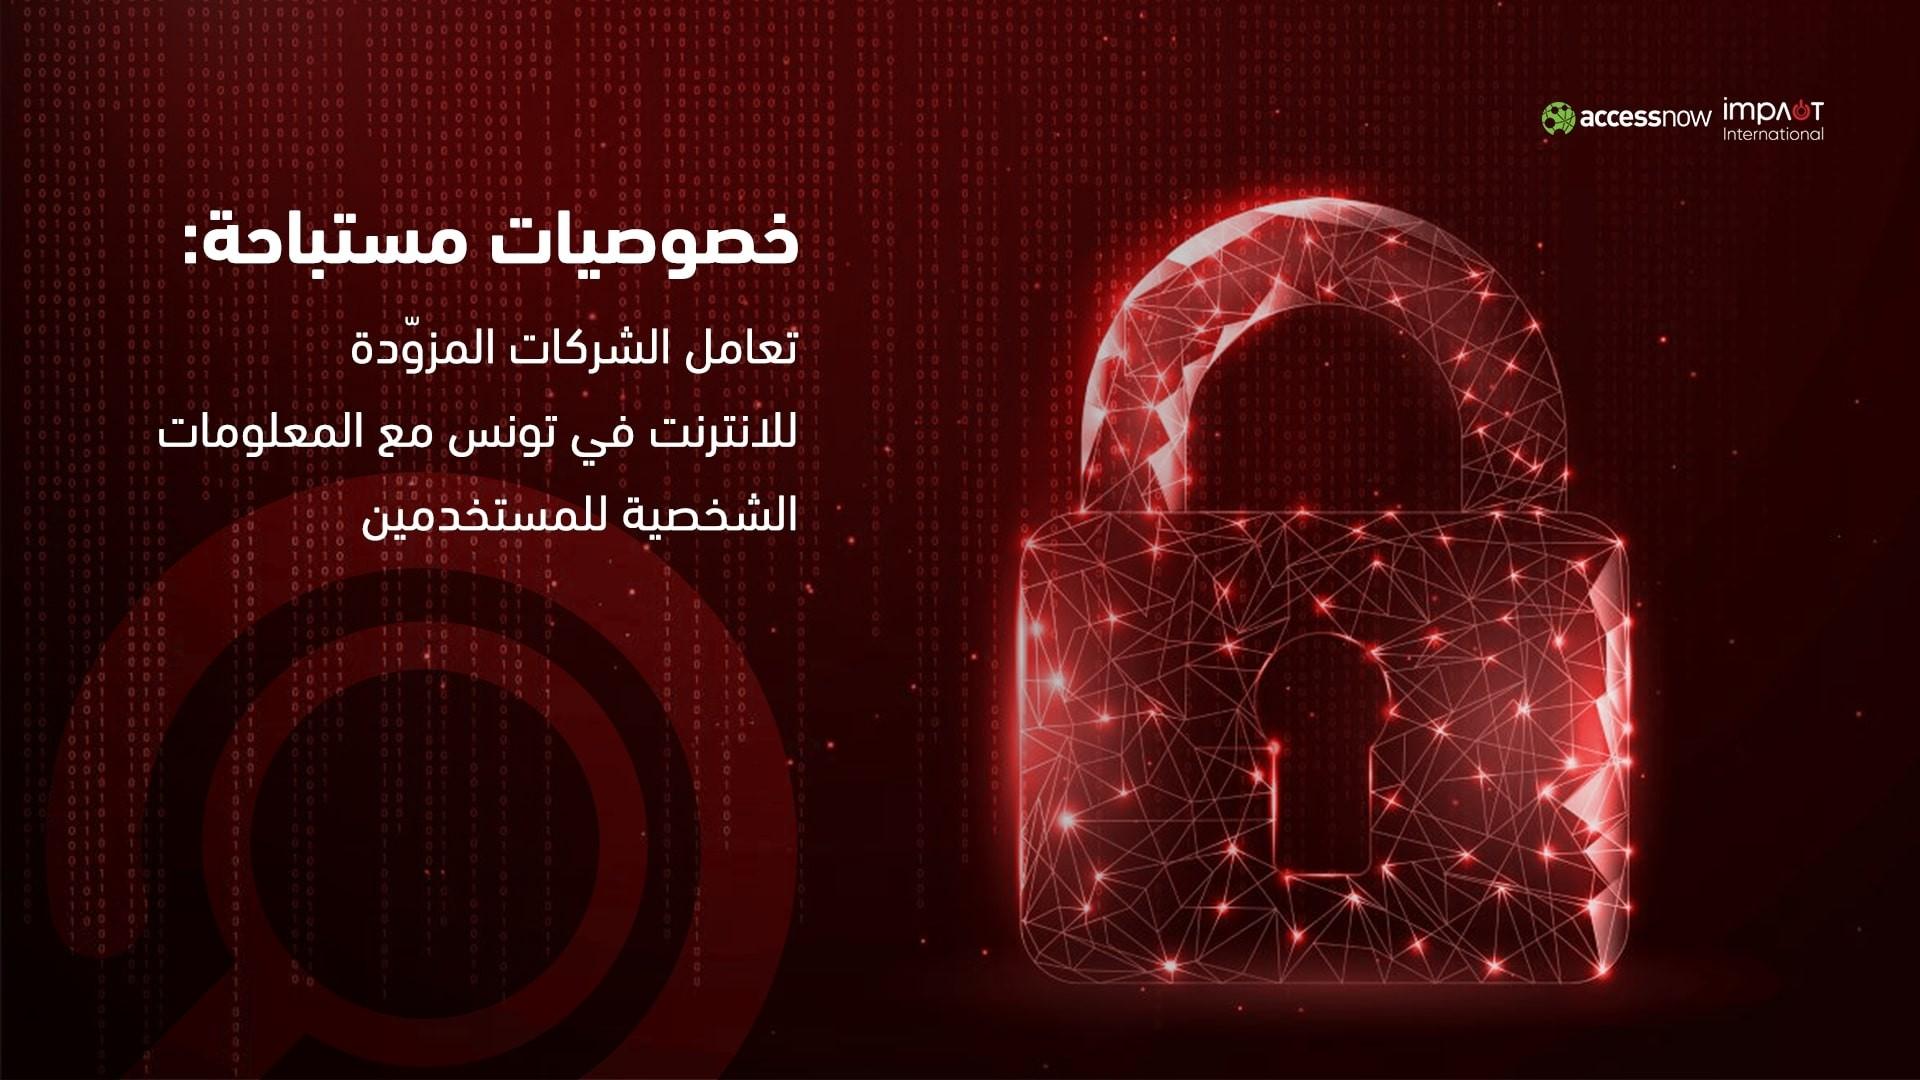 دراسة جديدة: شركات تزويد الإنترنت في تونس تستبيح خصوصية المشتركين